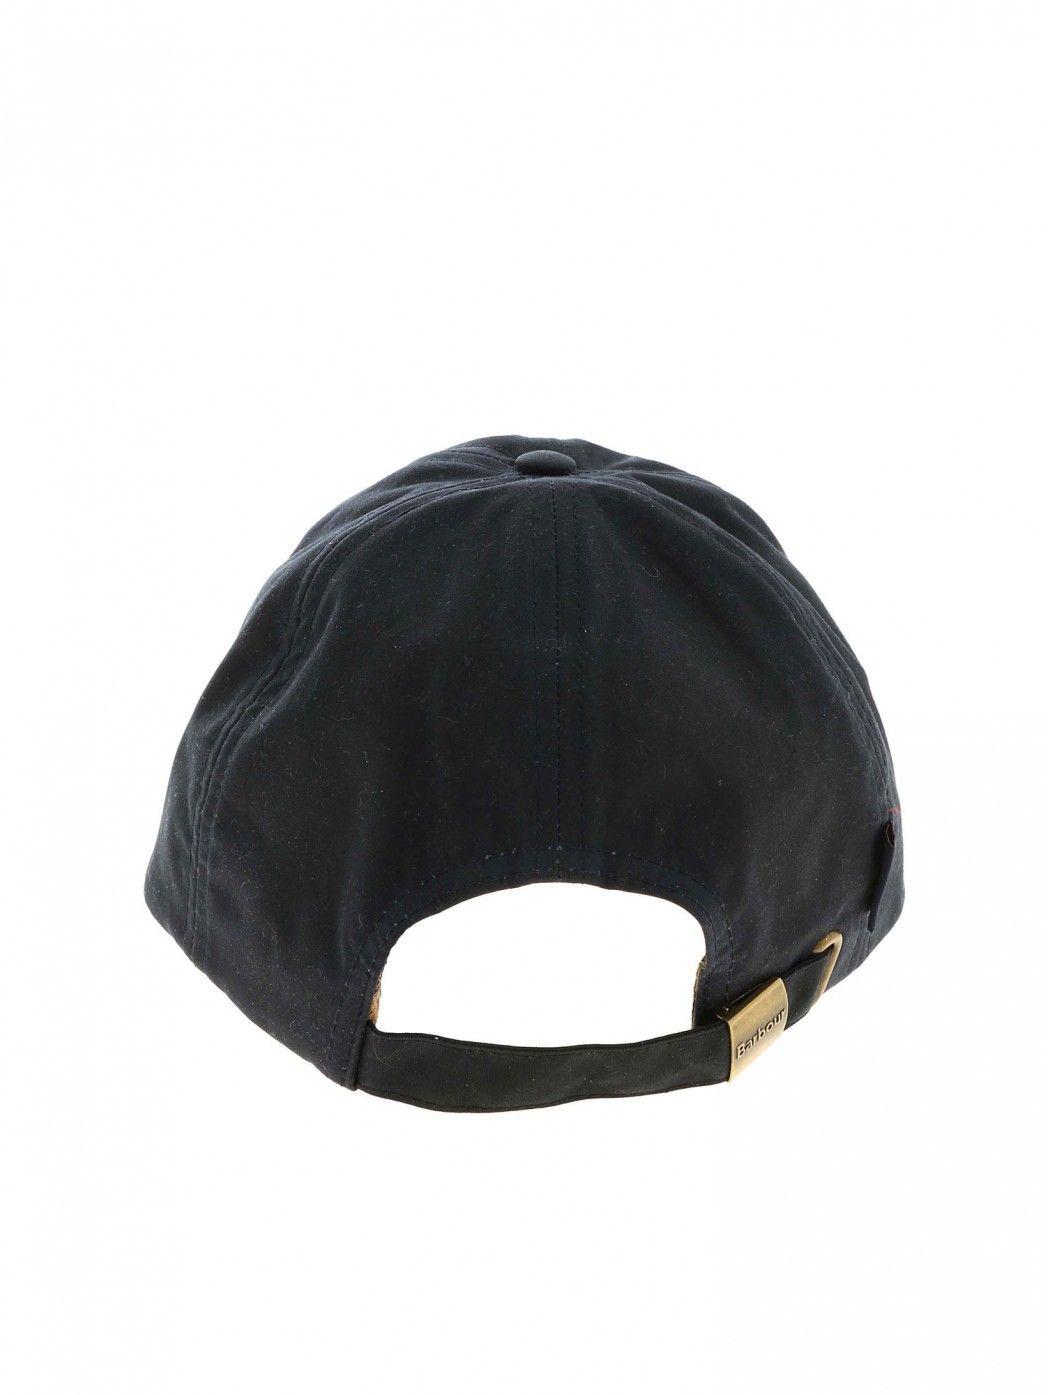 WAX SPORT CAP BARBOUR MHA0005 NY91